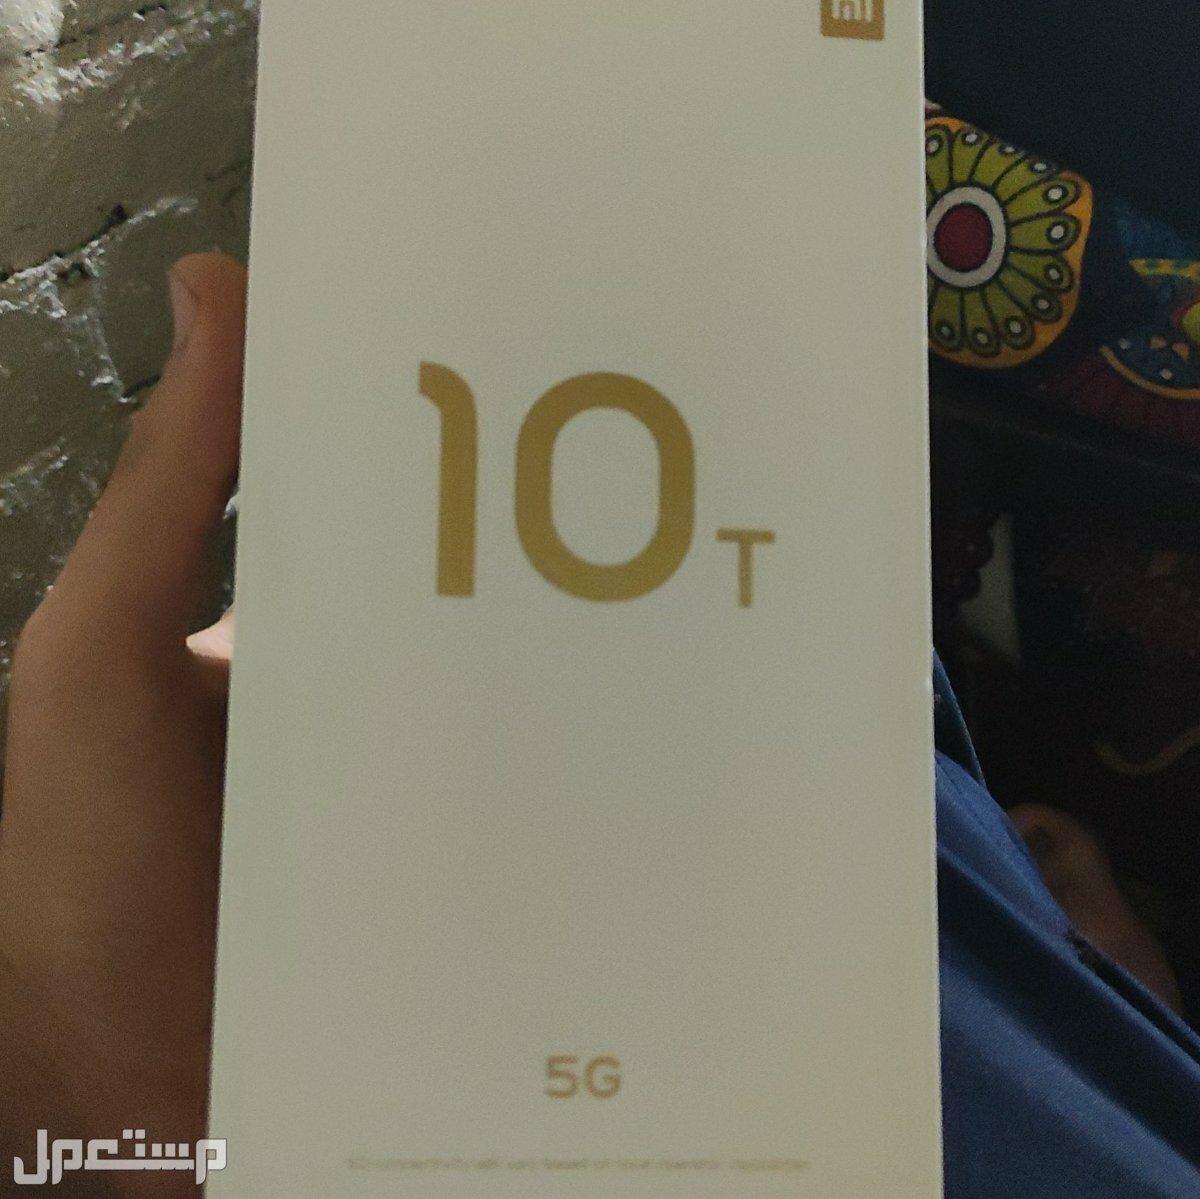 mi 10 t